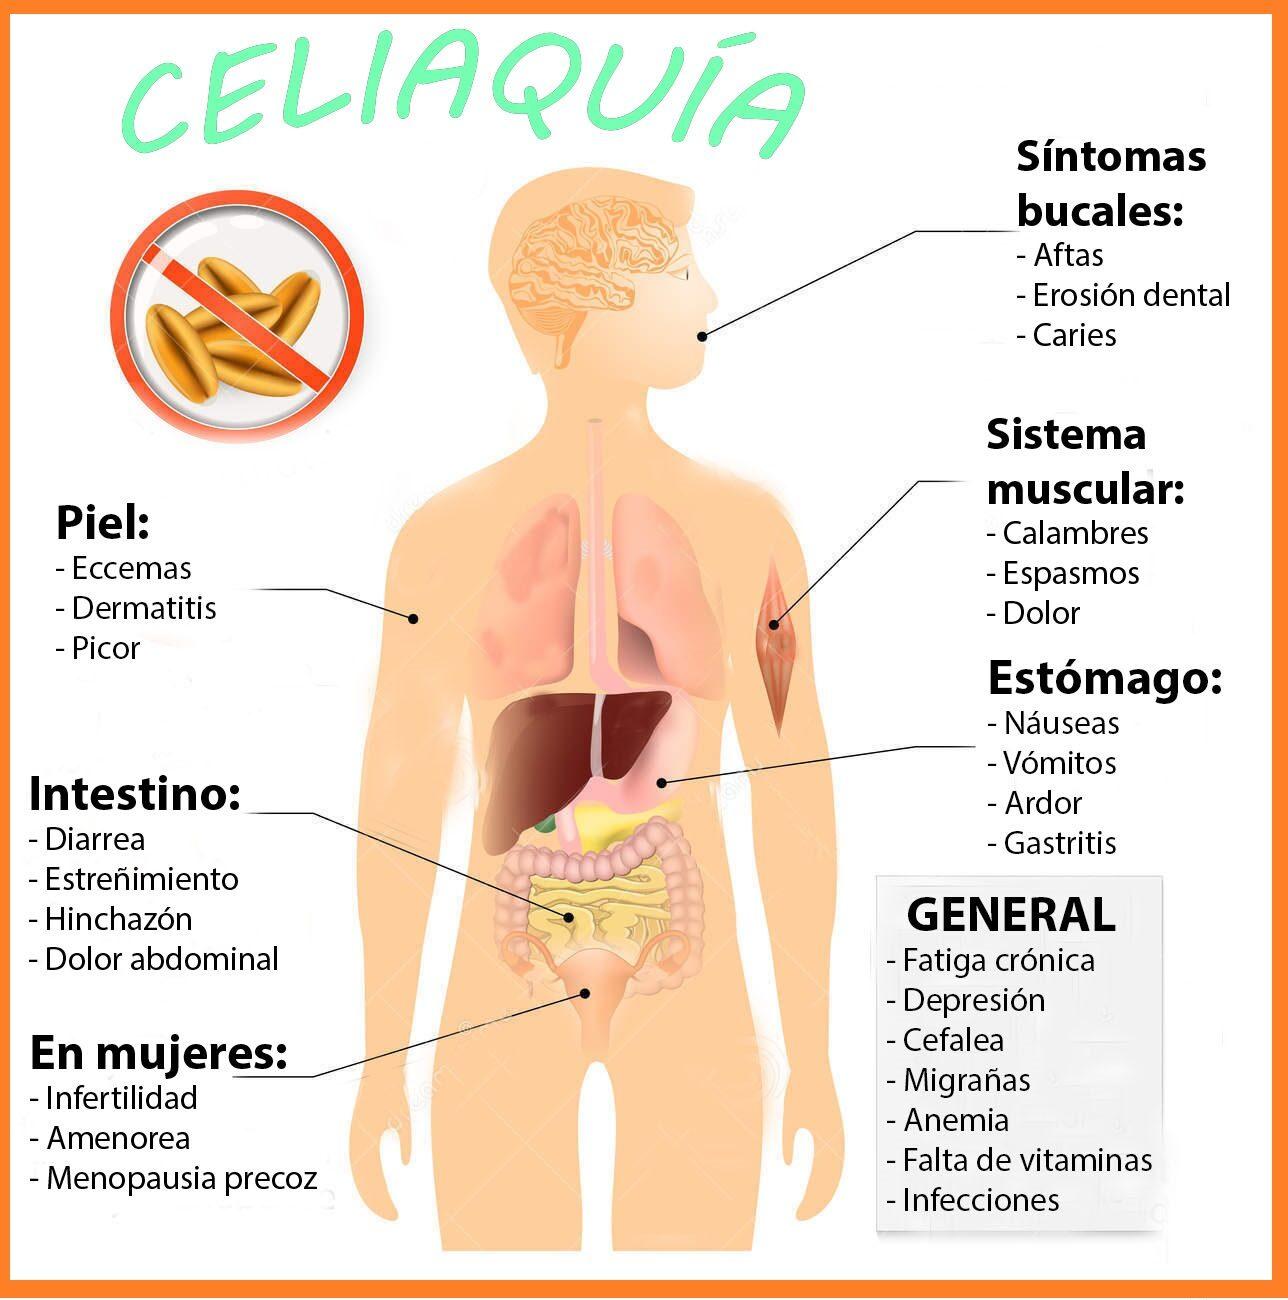 coeliac-disease-celiac-disease-sprue-signs-symptoms-human-silhouette-highlighted-internal-organs-56210159-9783556